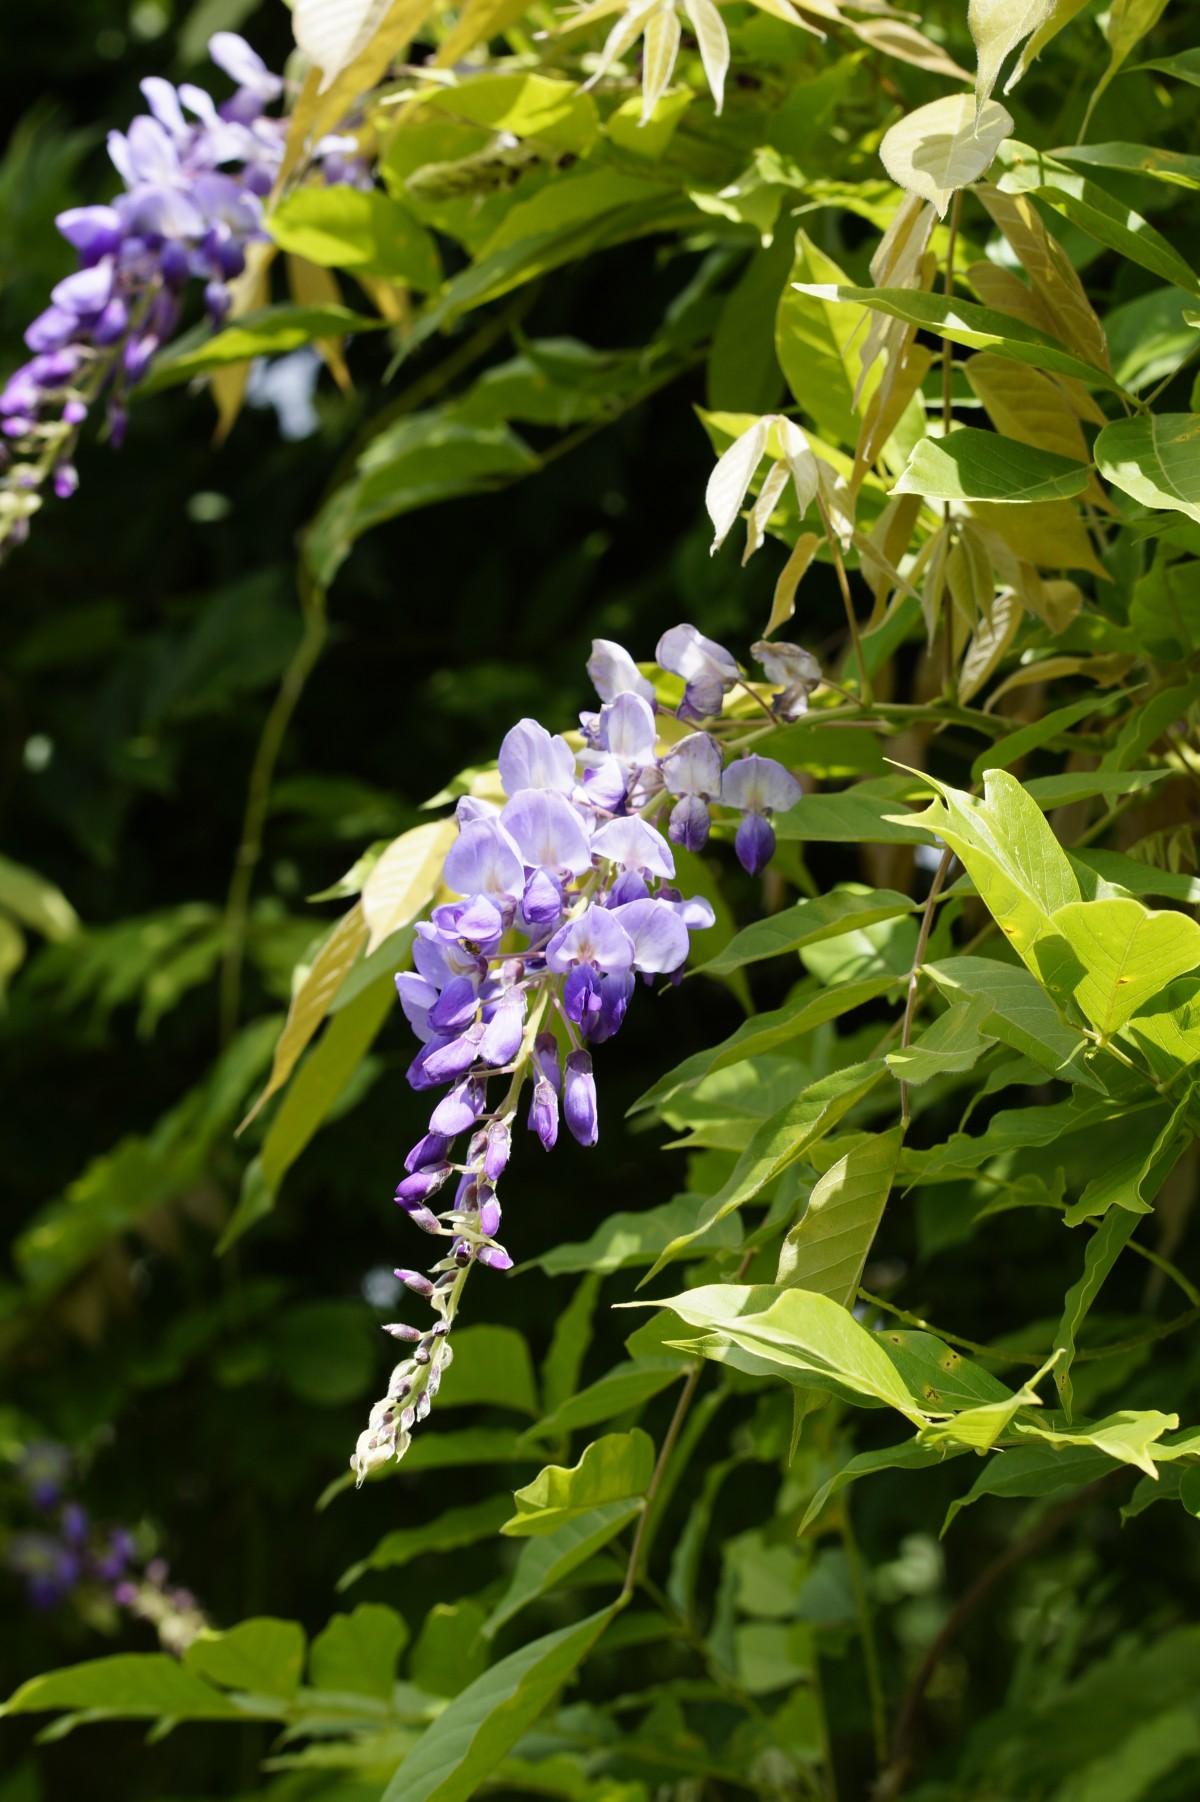 kostenlose foto bl hen blume lila kraut botanik garten flora wildblume blumen strauch. Black Bedroom Furniture Sets. Home Design Ideas